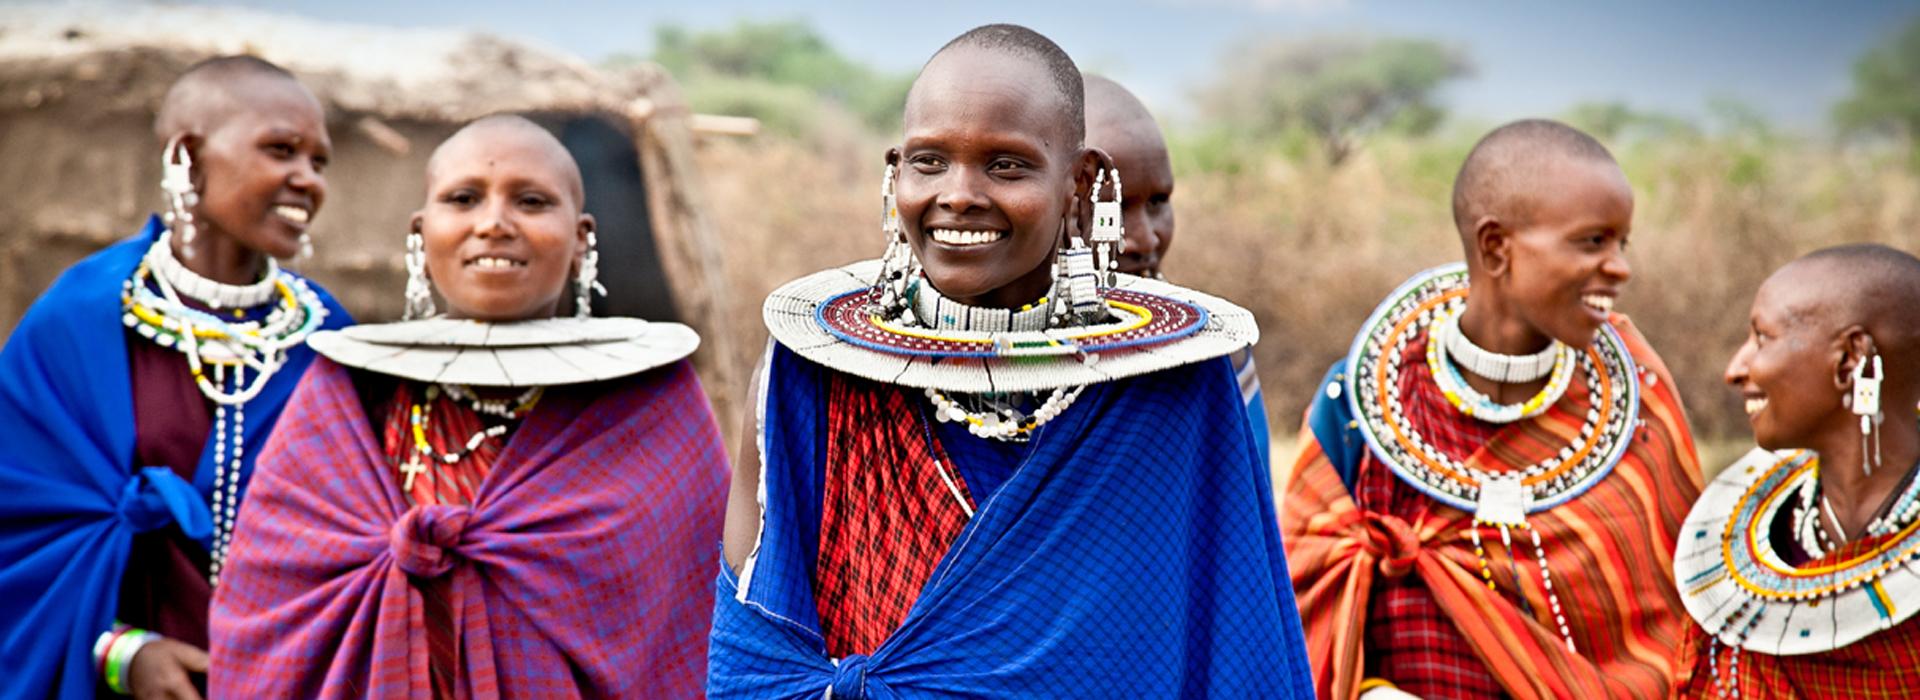 masai_women_tanzania